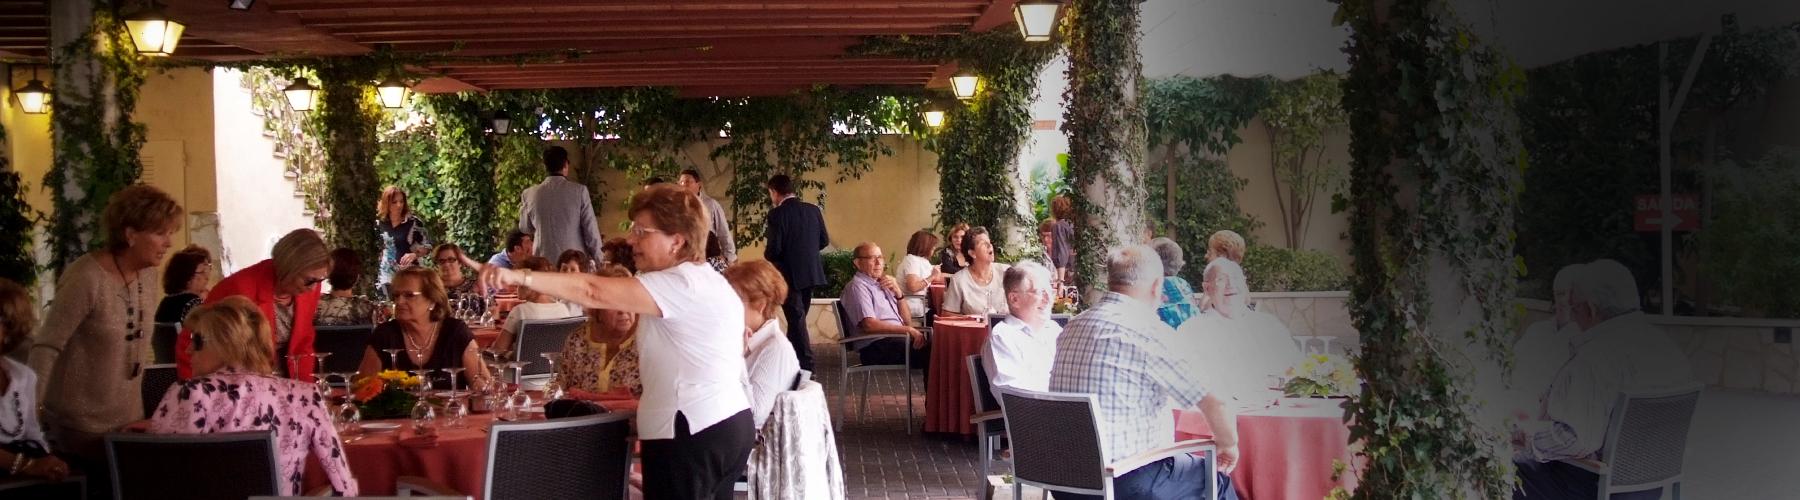 Salones para grupos valencia salones para eventos valencia - Salones aqualandia valencia ...